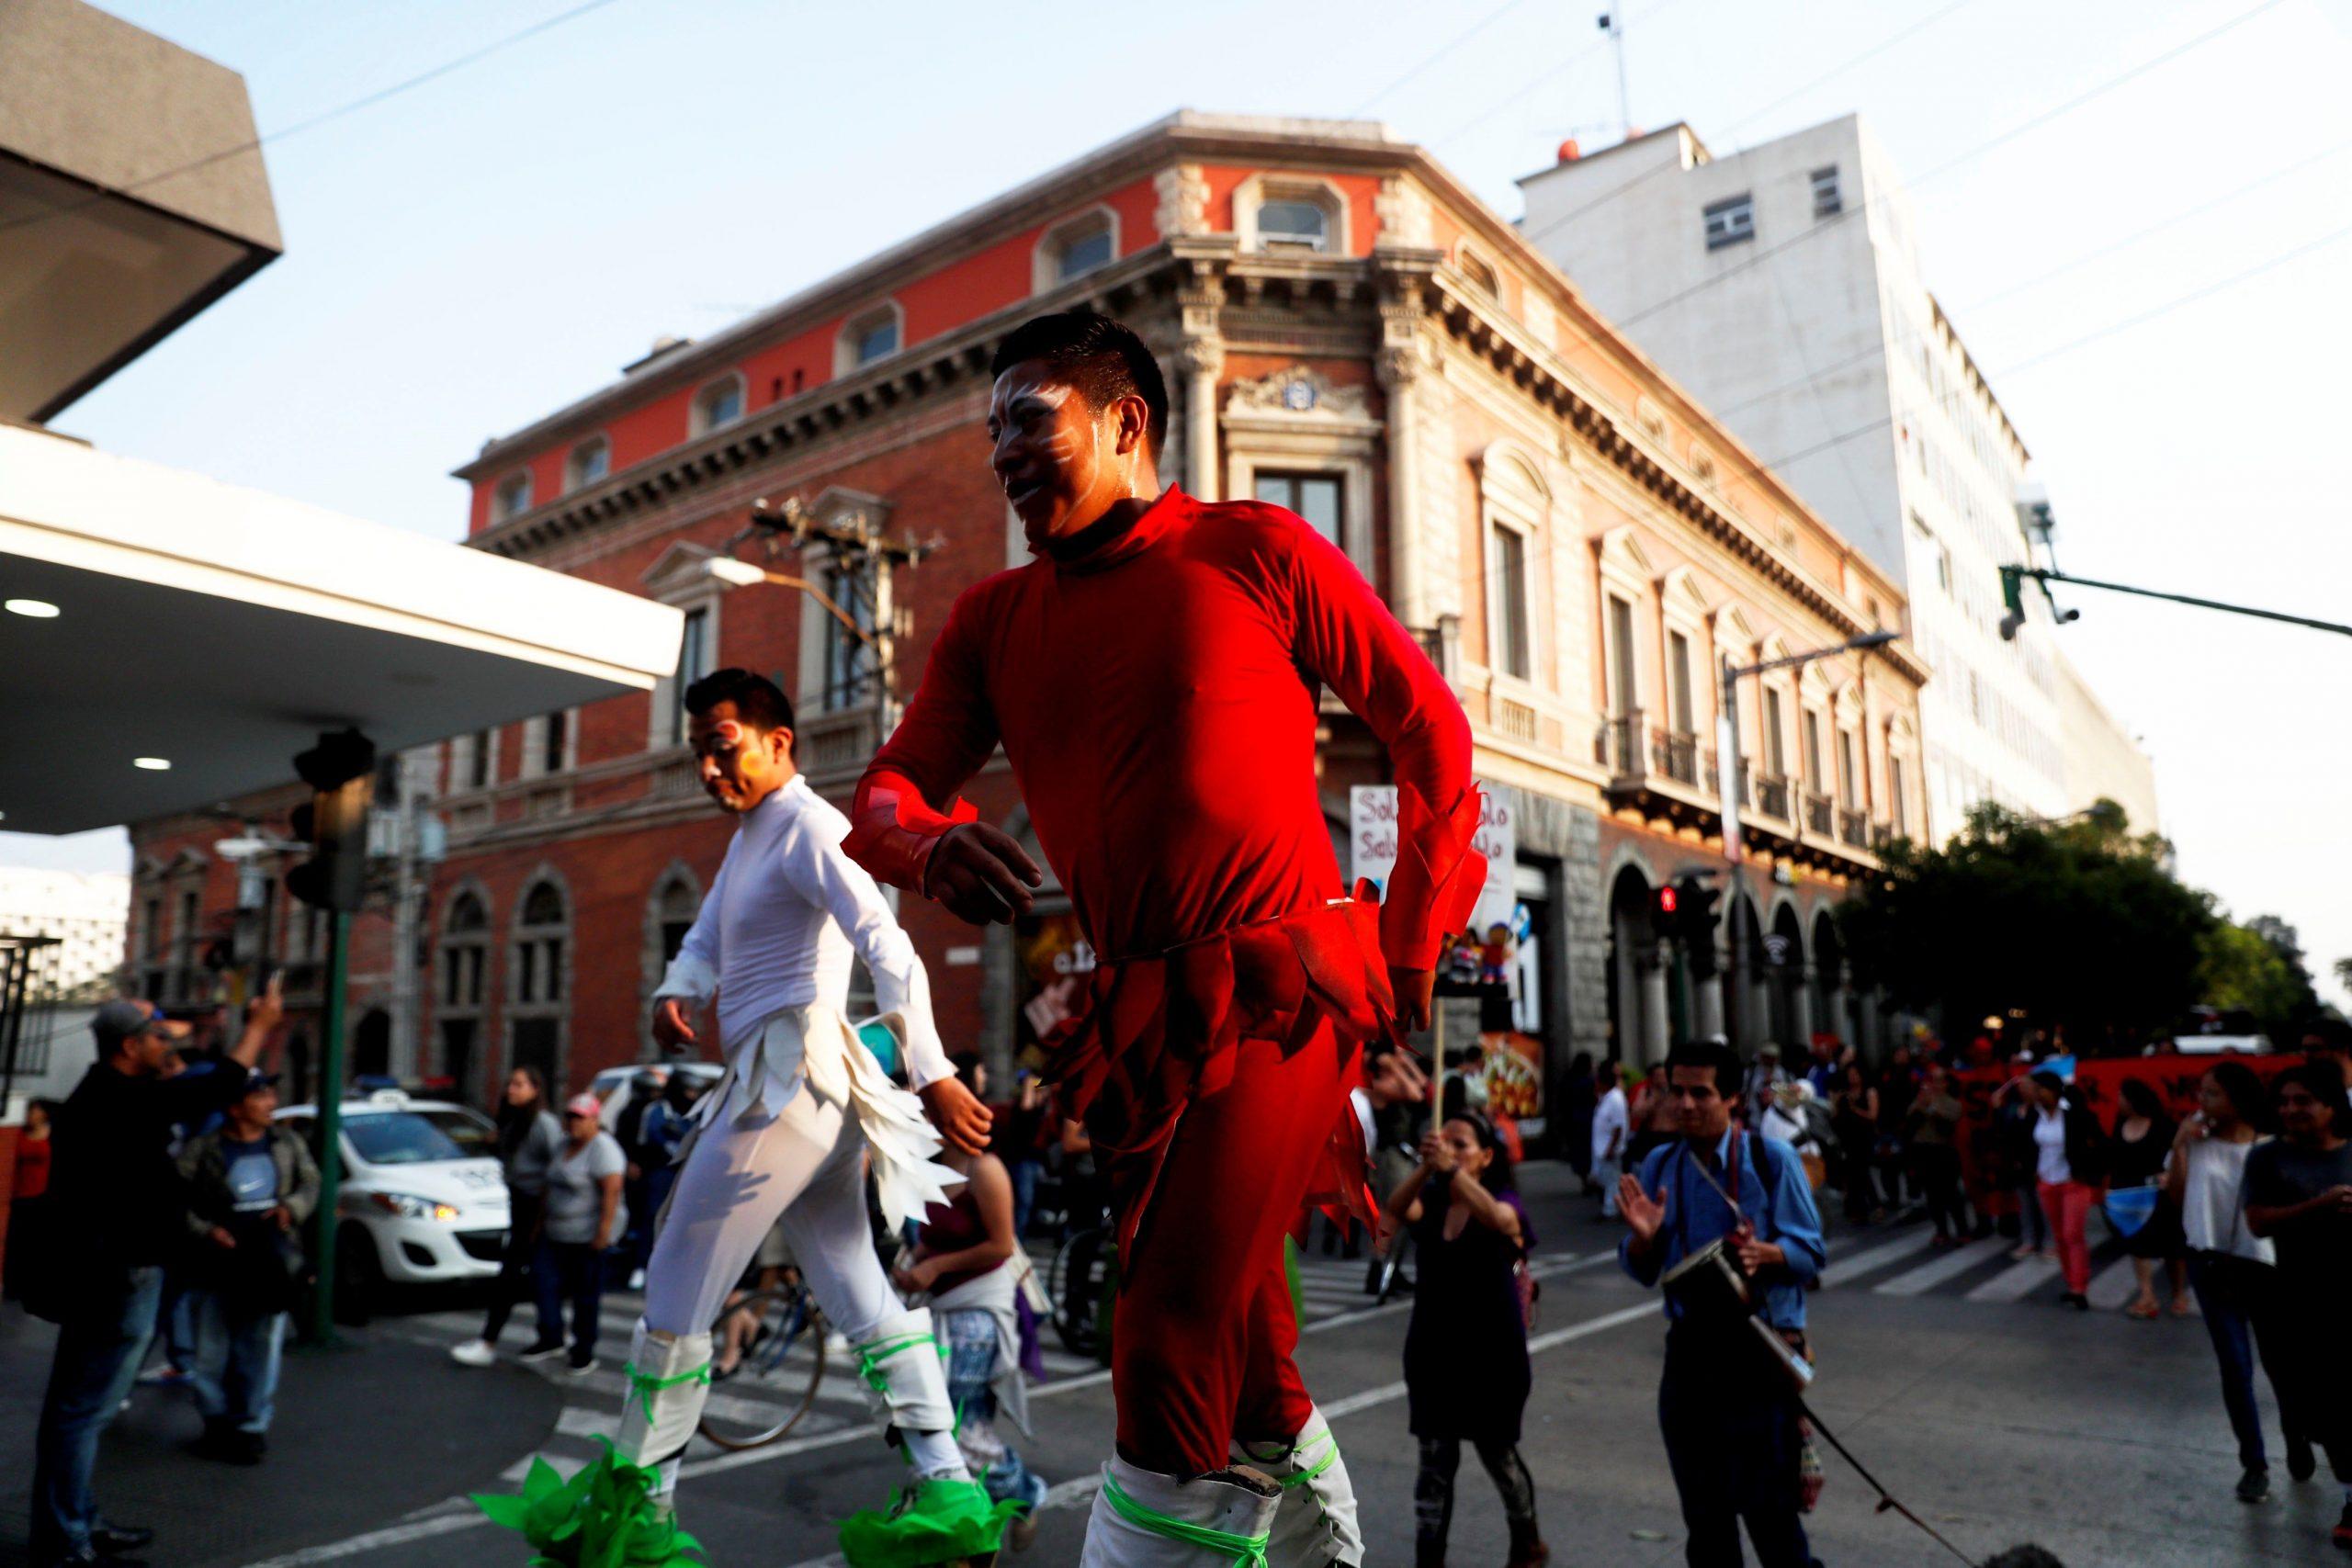 El Ministerio de Cultura inicia el proceso de otorgamiento de 3.000 Q a artistas del país y estas son las condiciones para postular - Prensa Libre